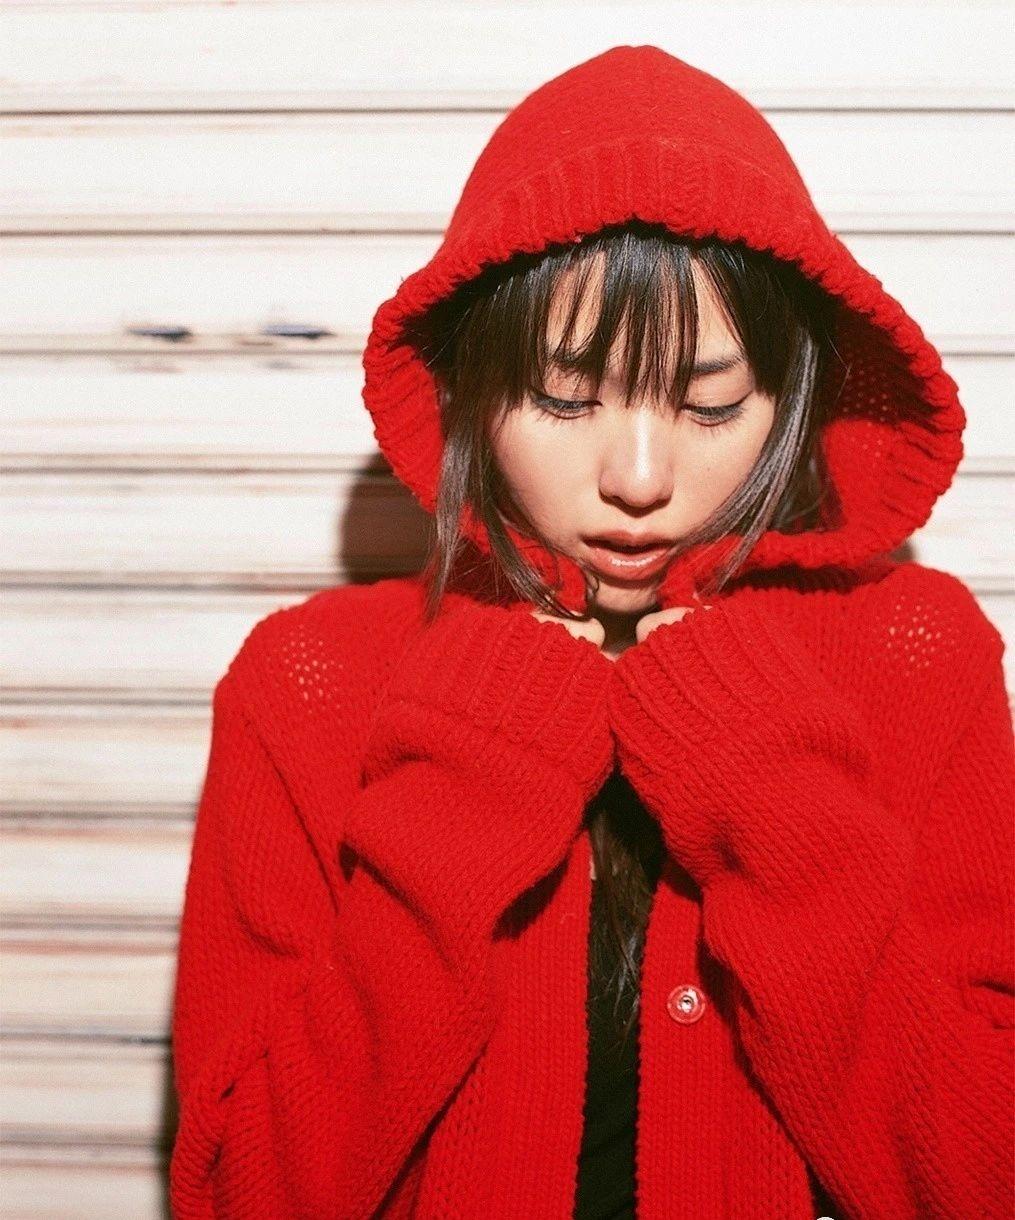 美的不可方物少女时代的户田惠梨香写真作品 (4)